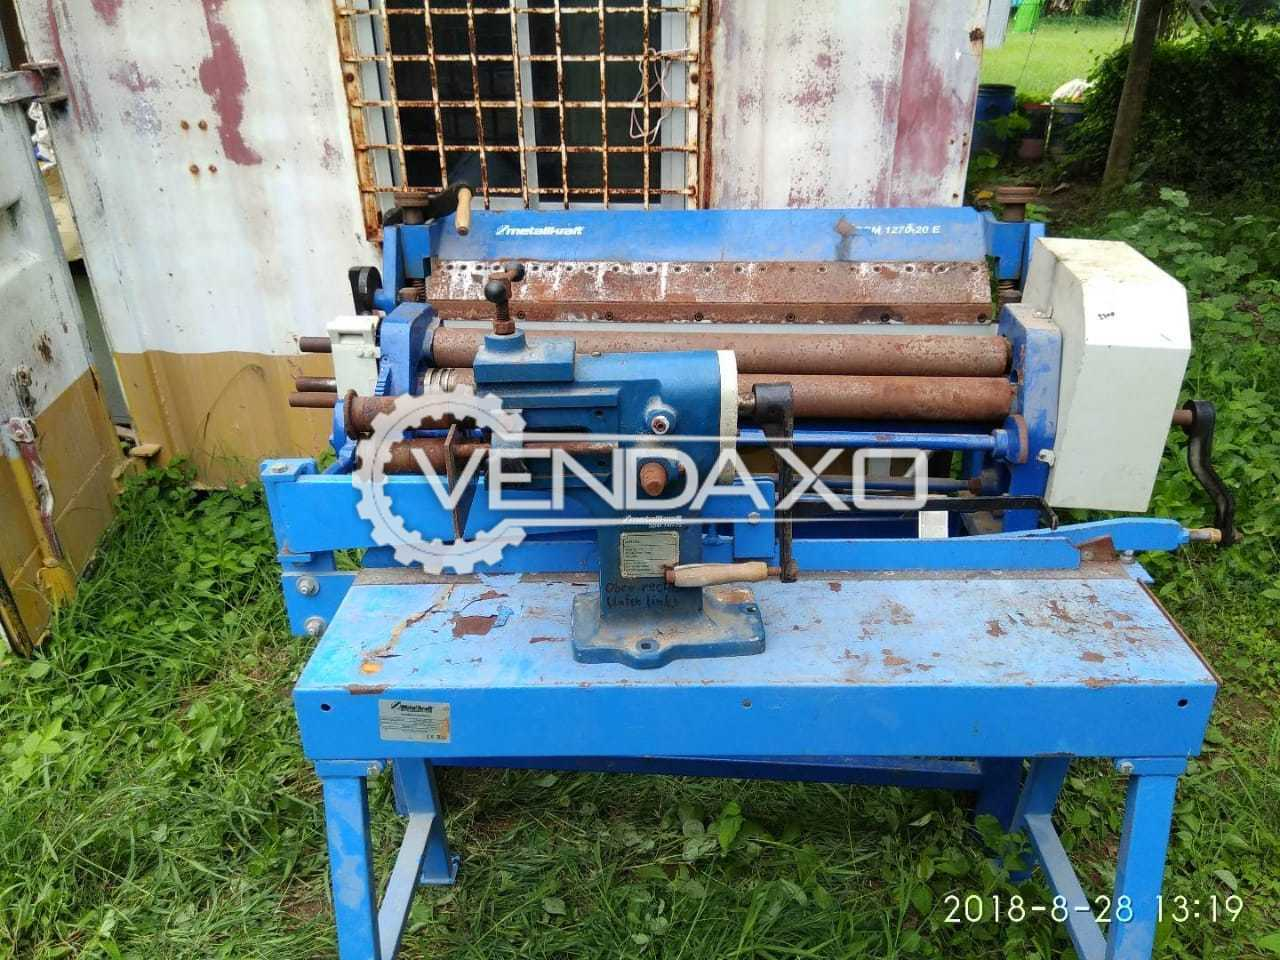 MetalKarft Make Sheet Shearing & Bending Machine - Width - 1.8 Meter